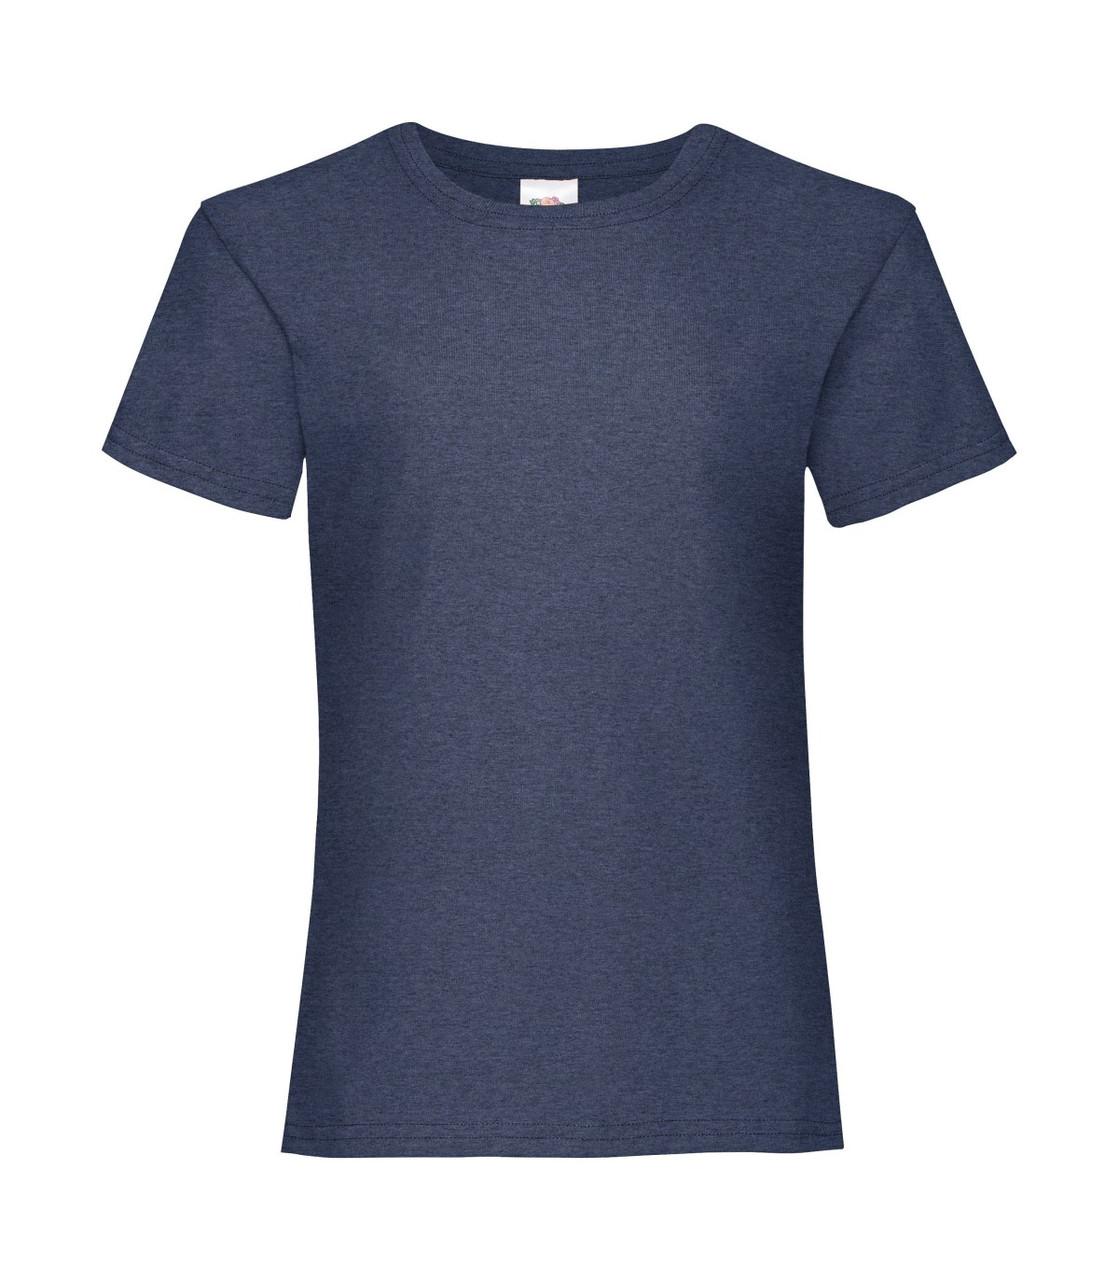 Футболка для девочек однотонная темно-синяя меланж 005-VF